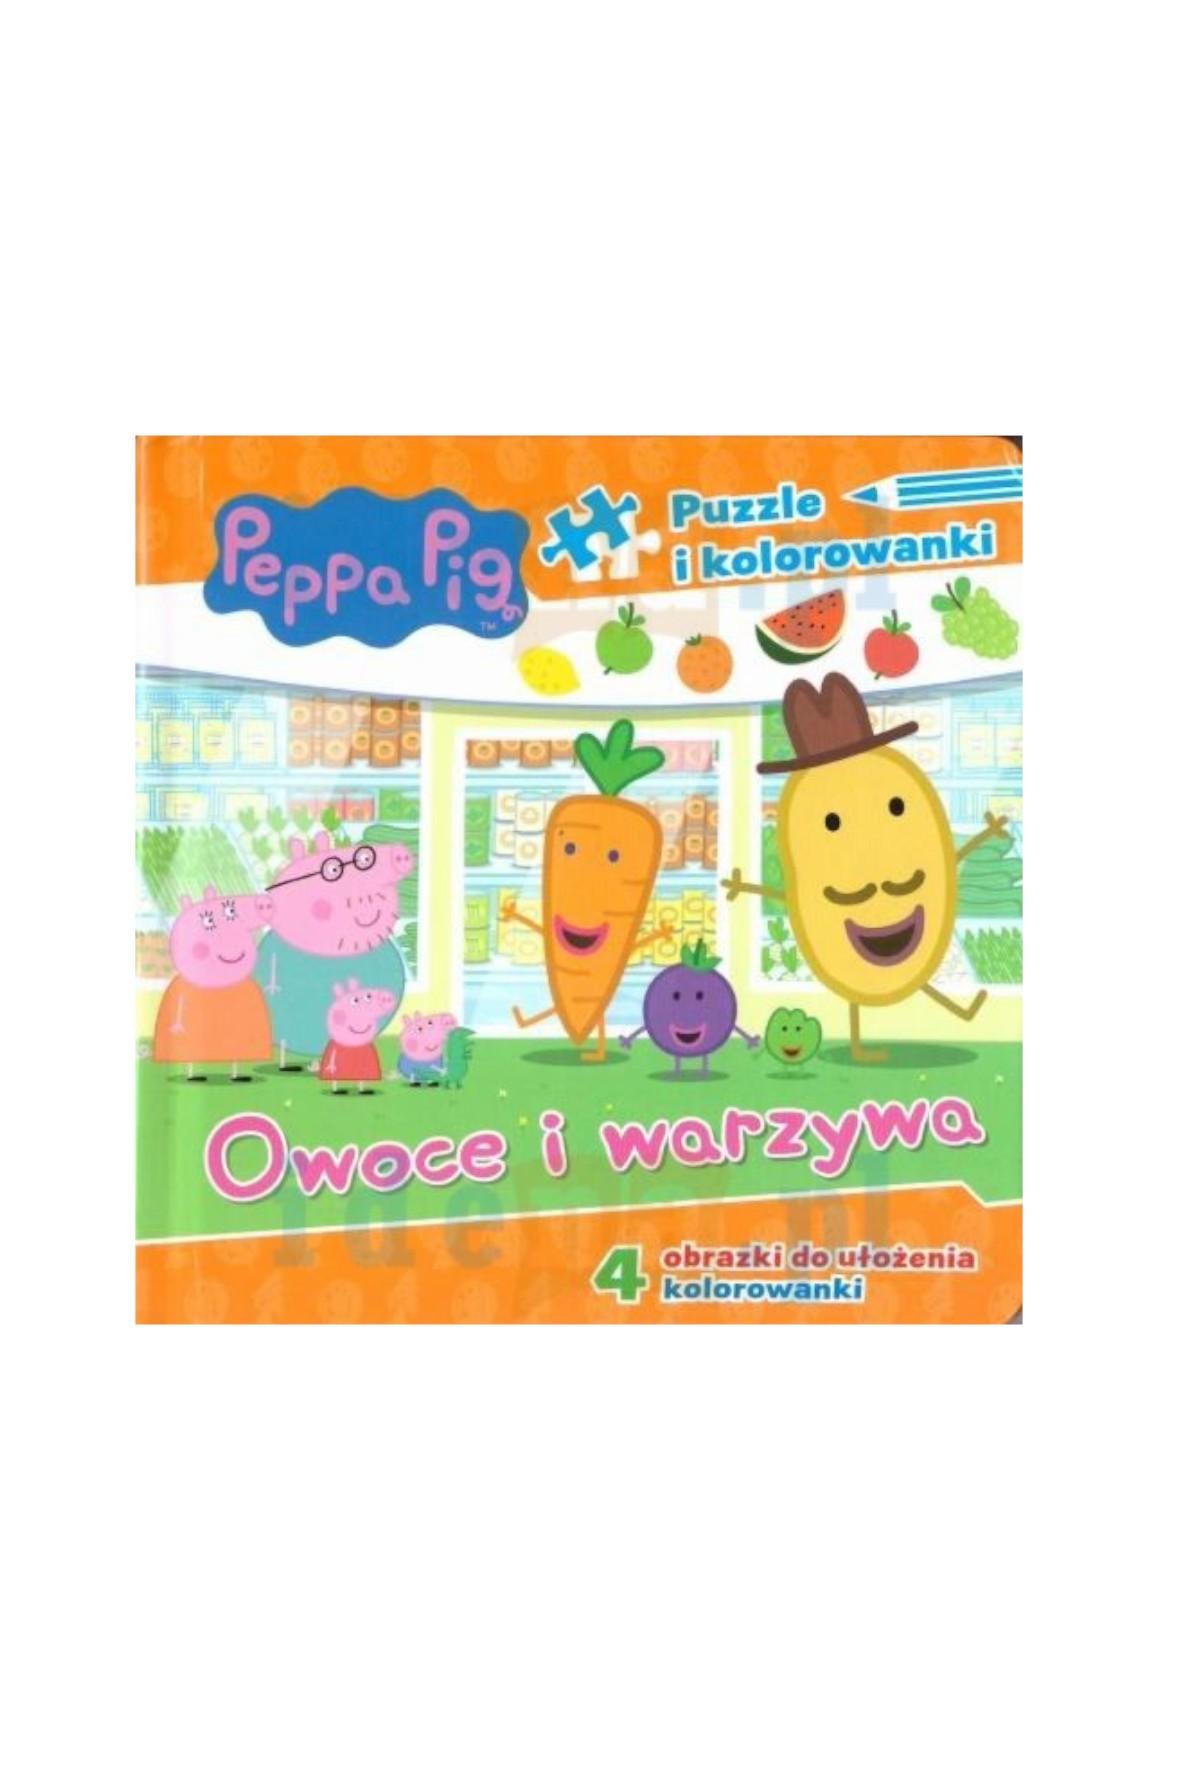 Książeczka Świnka Peppa - Puzzle i kolorowanki - Owoce i warzywa